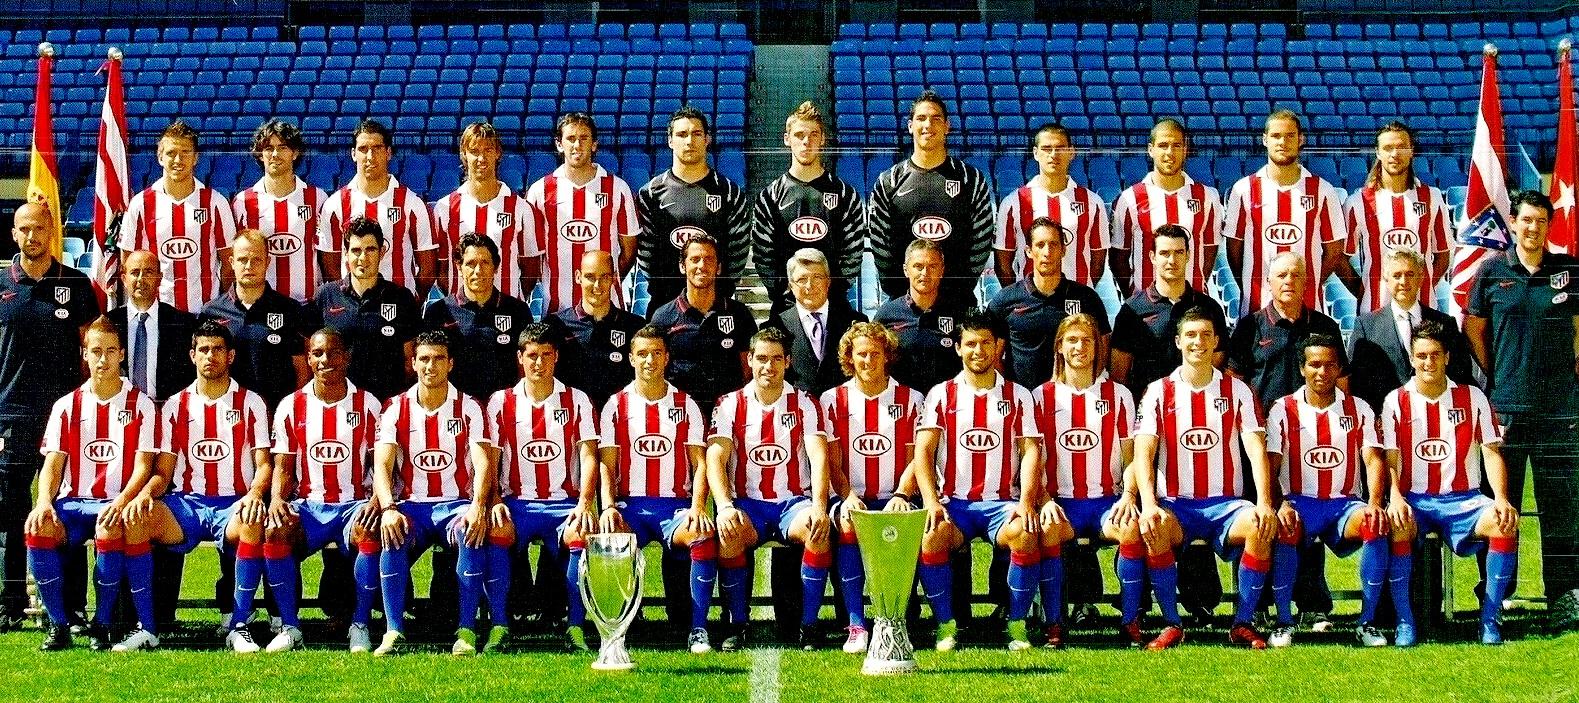 Hilo del Atlético de Madrid Atletico%2Bde%2BMadrid%2B2010%2B2011